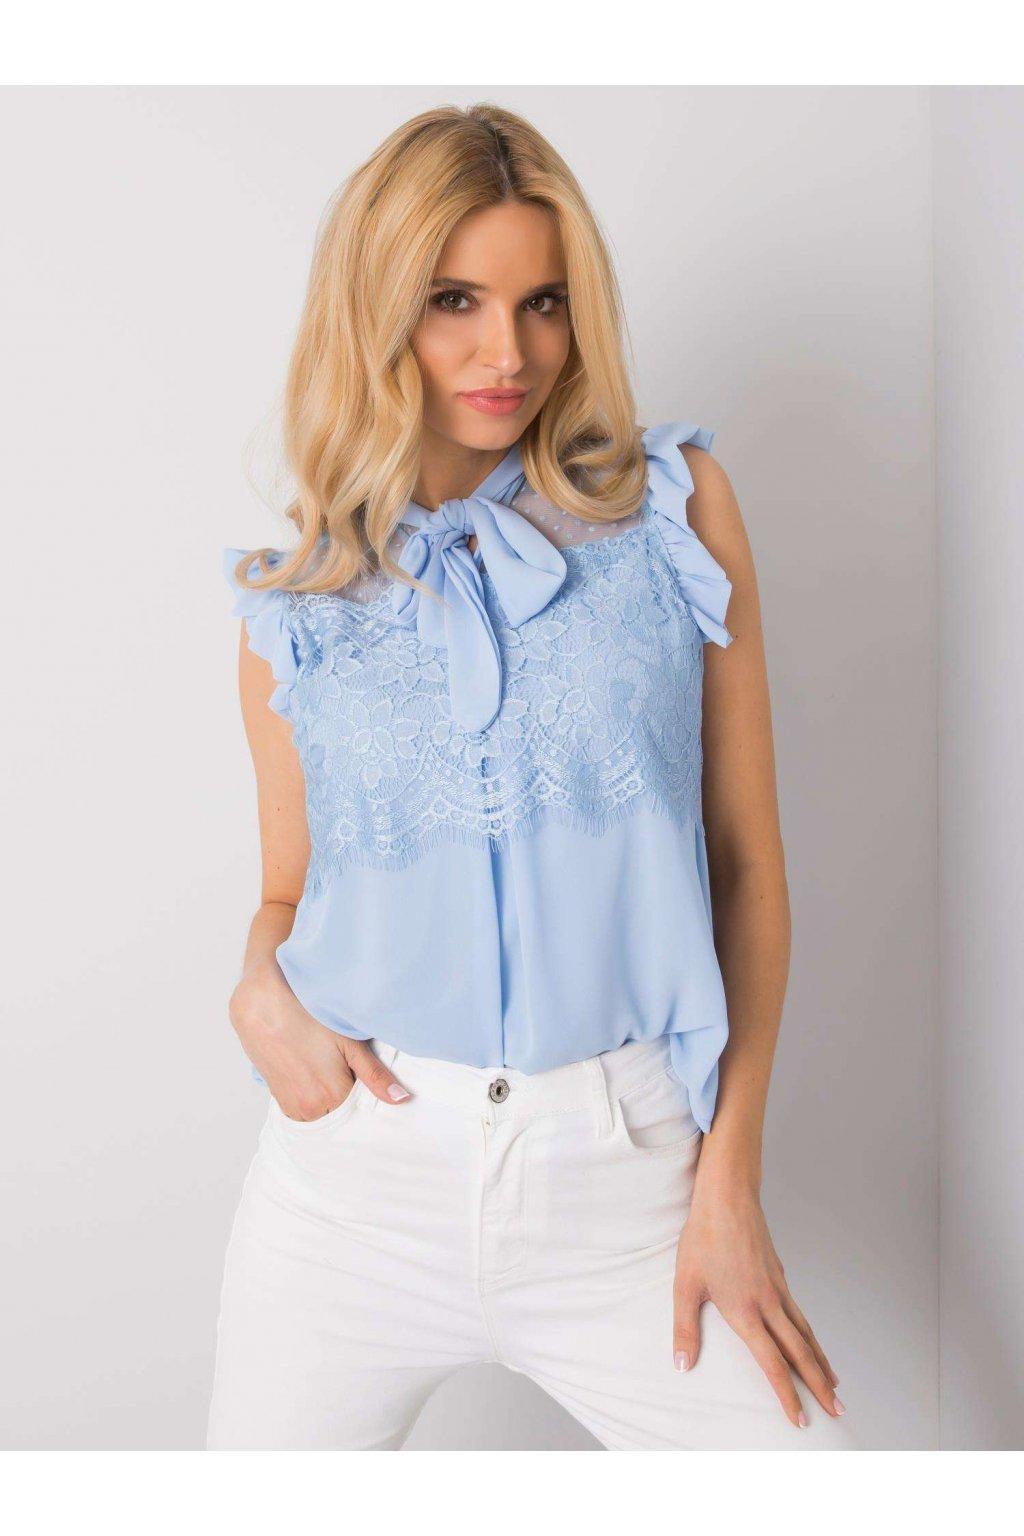 pol pl Niebieska bluzka z koronka Lanelle 365012 1